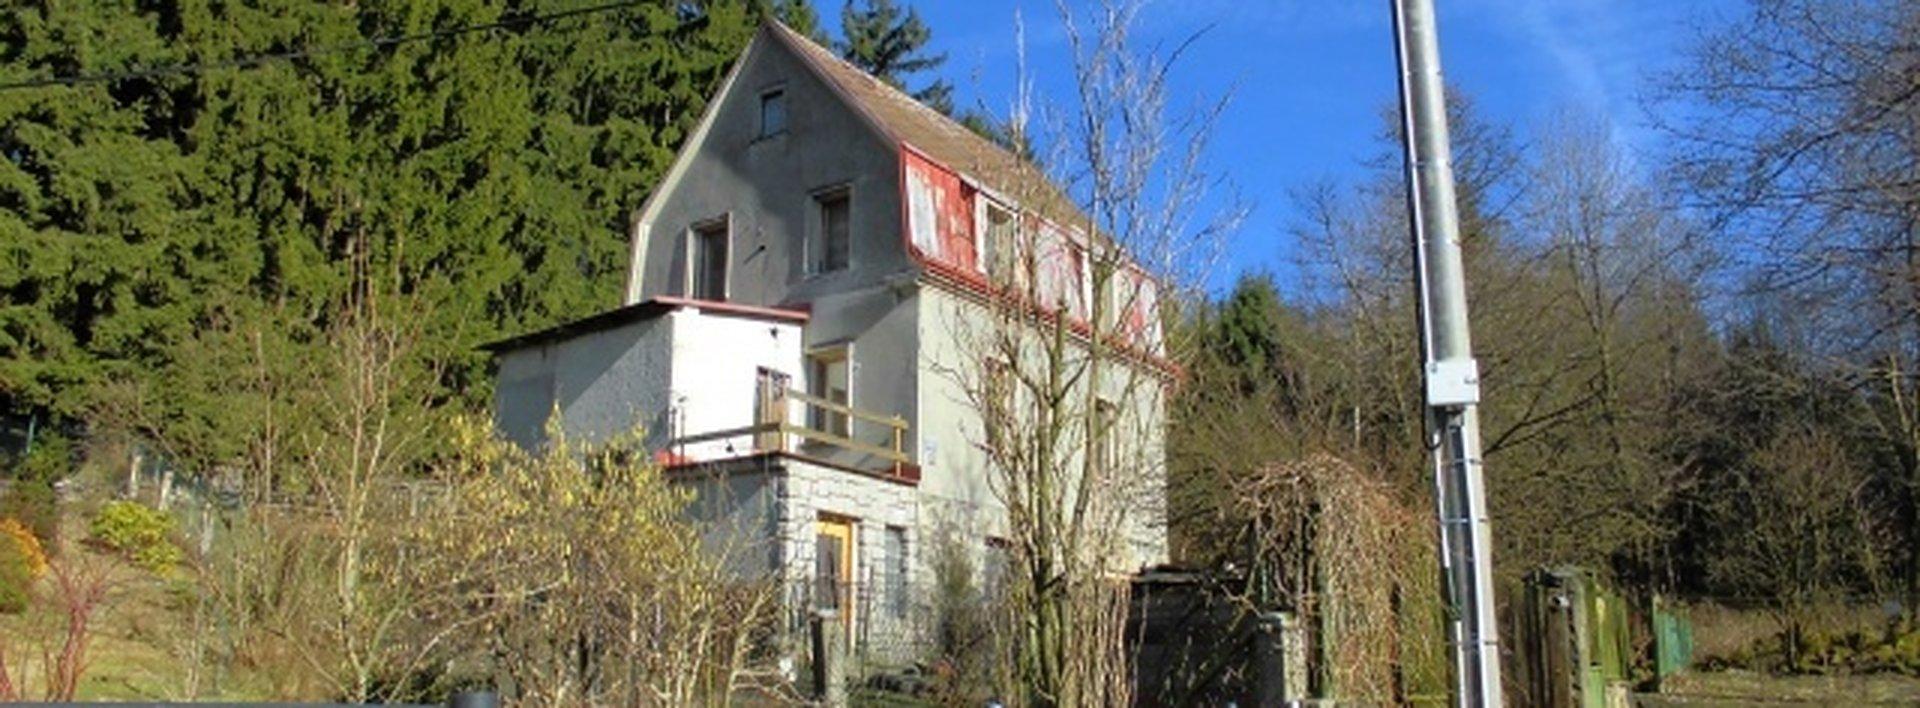 Prostorný zděný dům se slunnou zahradou, lukrativní lokalita, Ev.č.: N46661